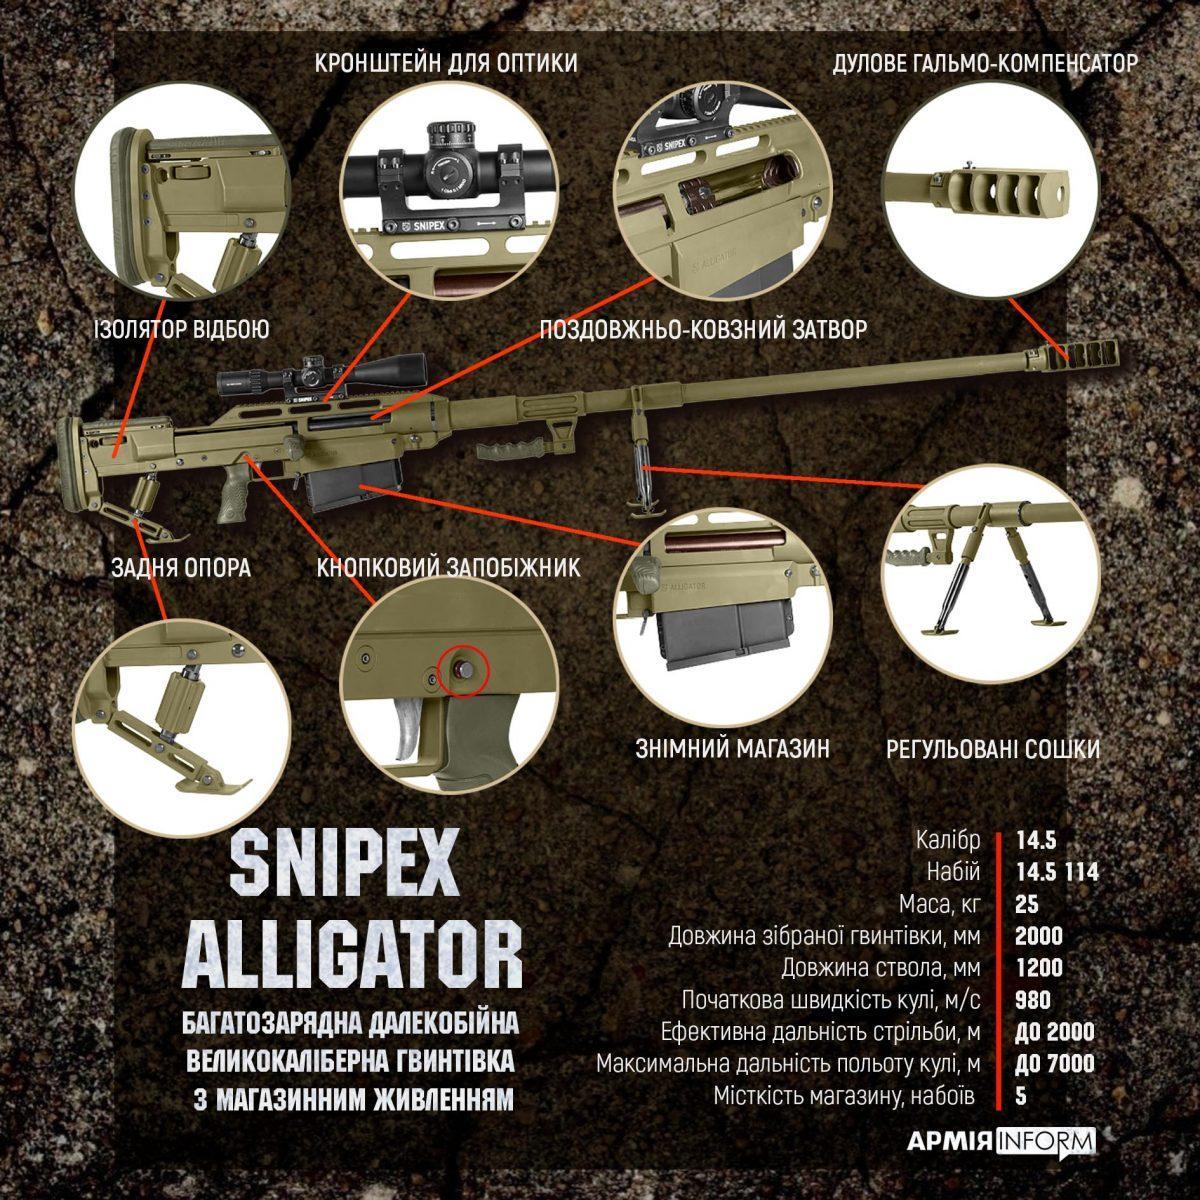 """Технические характеристики винтовки """"Аллигатор"""" / фото armyinform.com.ua"""